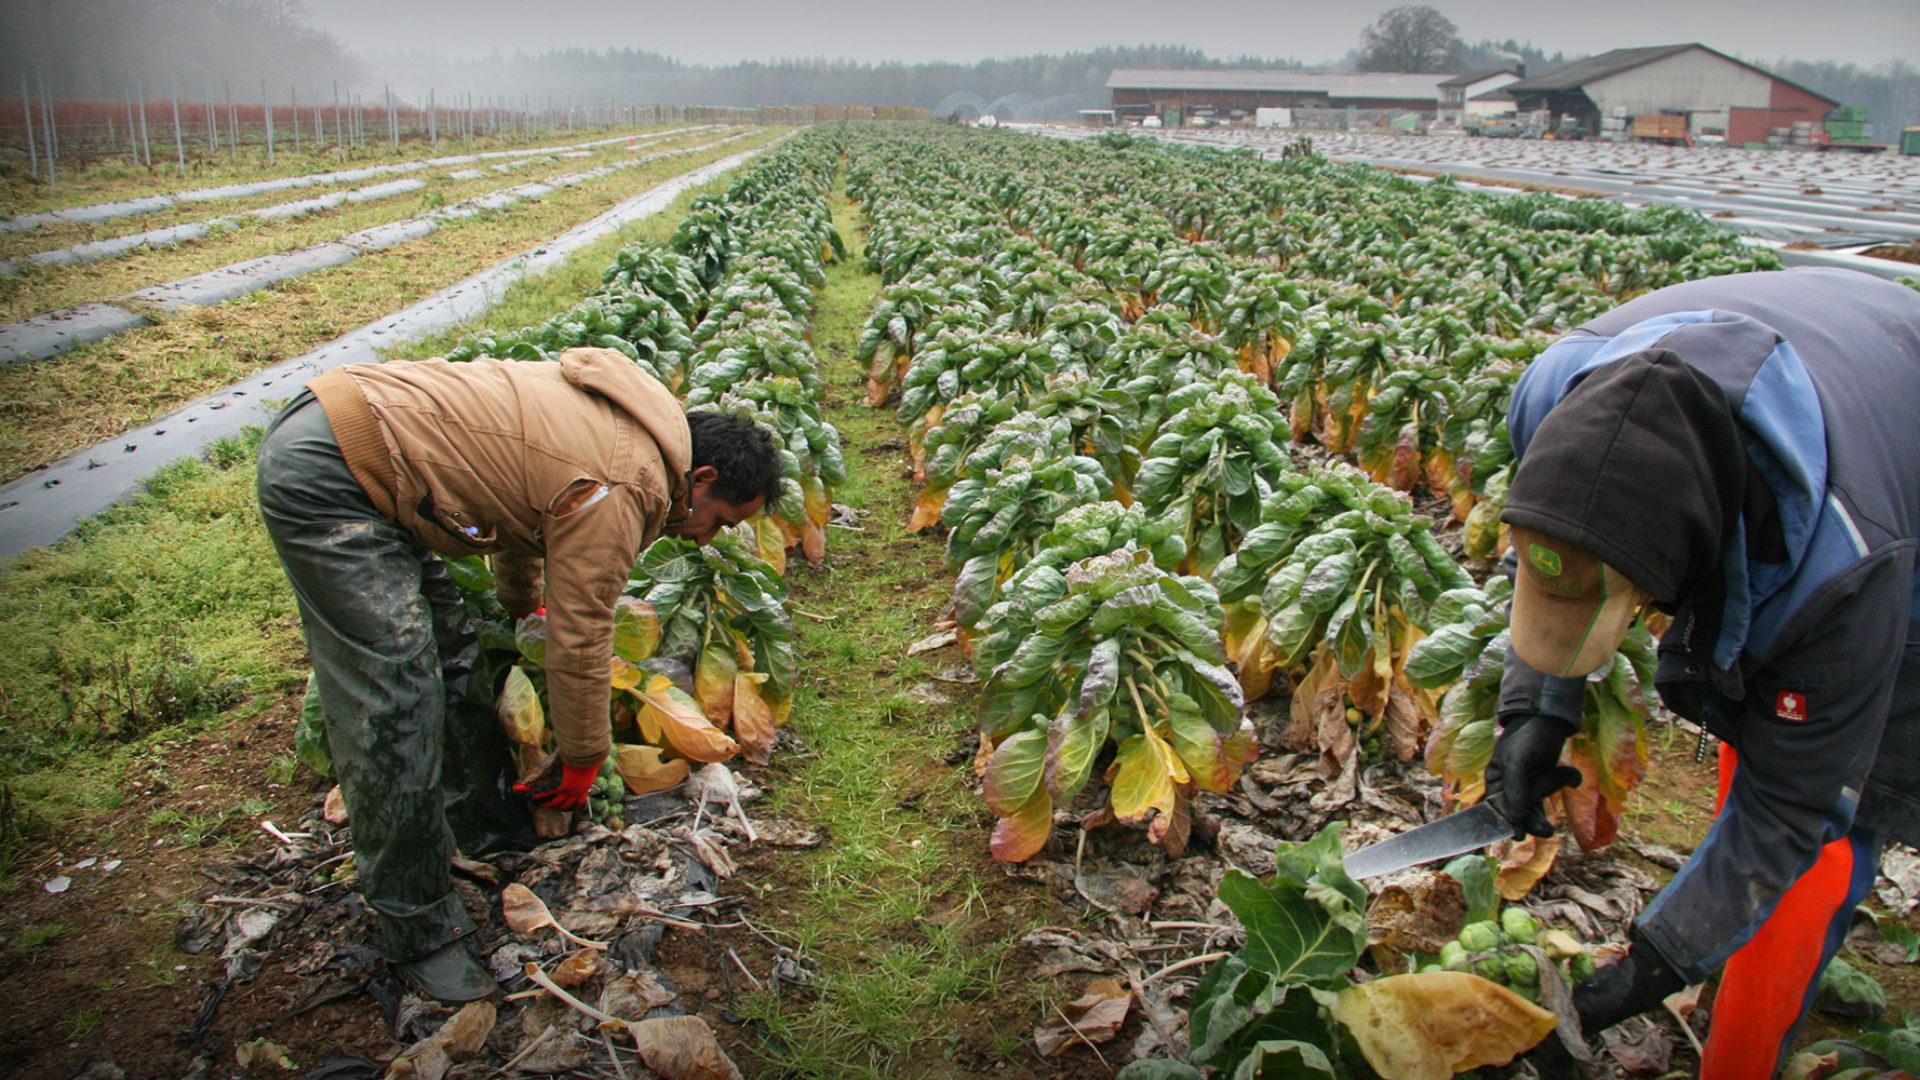 Bauern arbeiten auf dem Feld - Ernten Rosenkohl